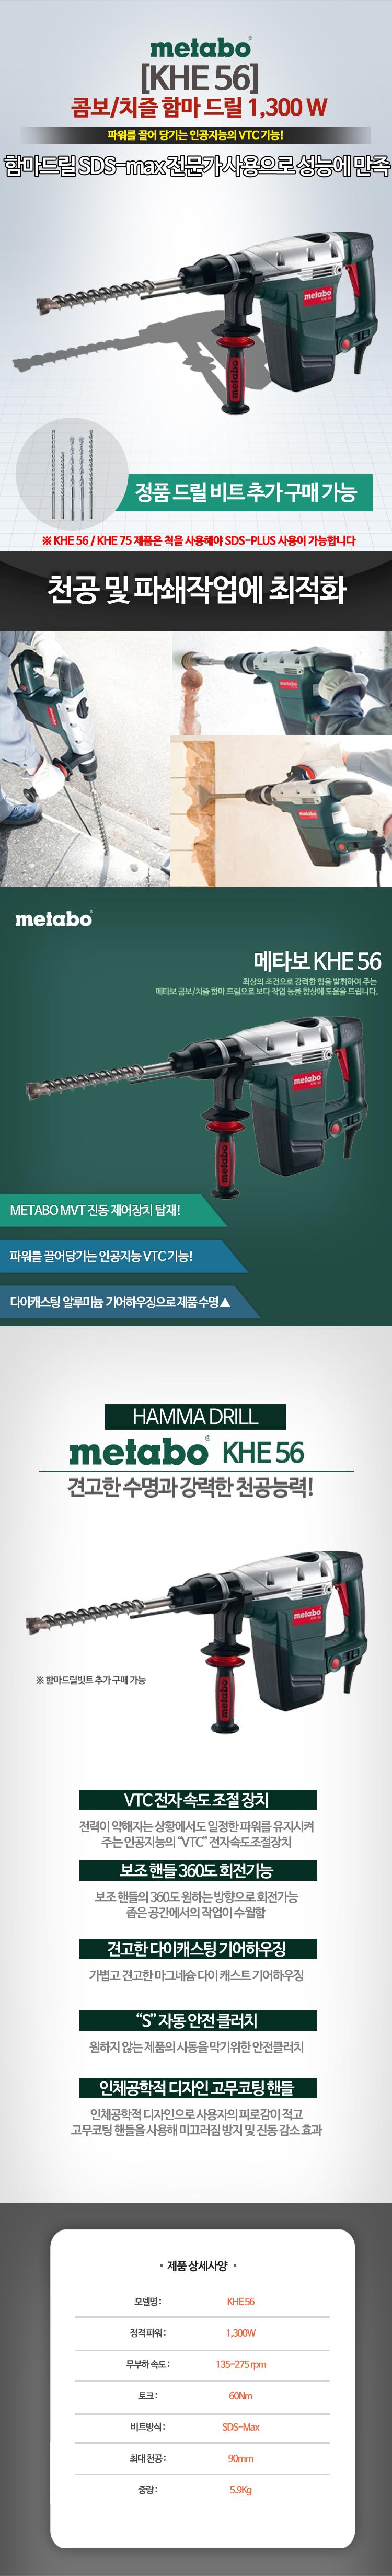 KHE56KHE75.jpg